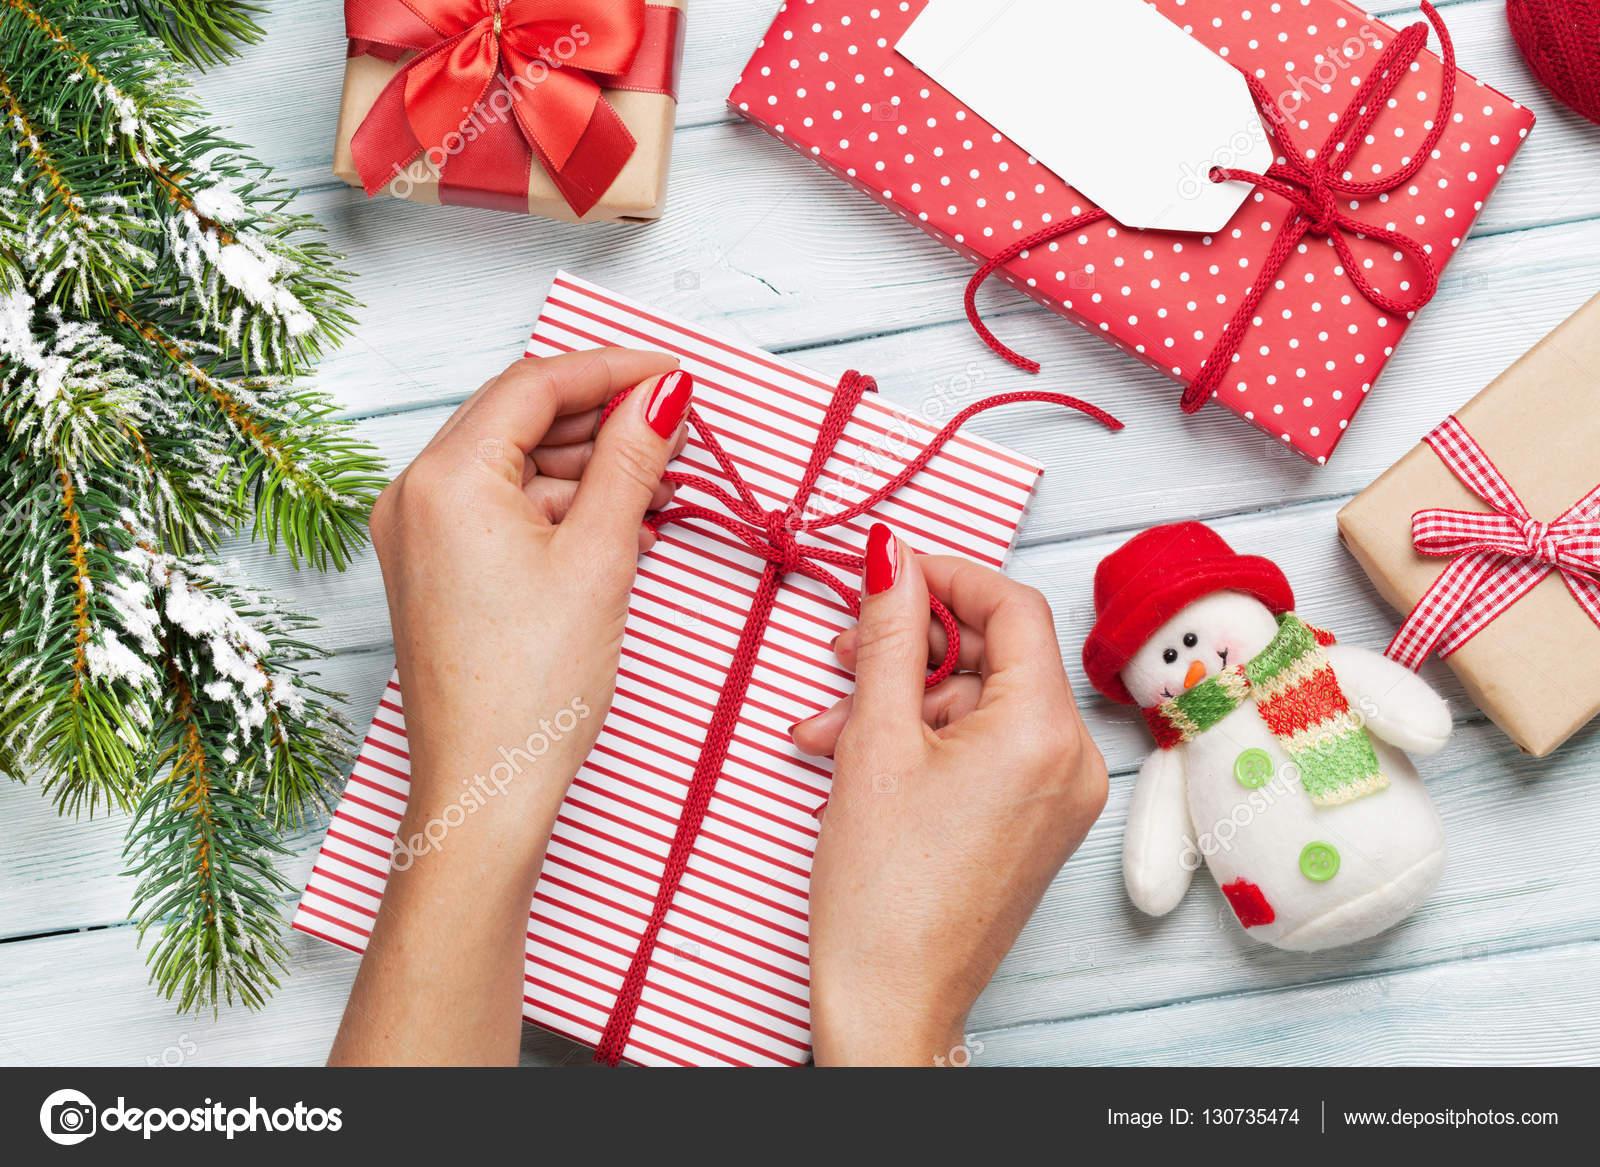 Weibliche Hände Weihnachtsgeschenke verpacken — Stockfoto ...